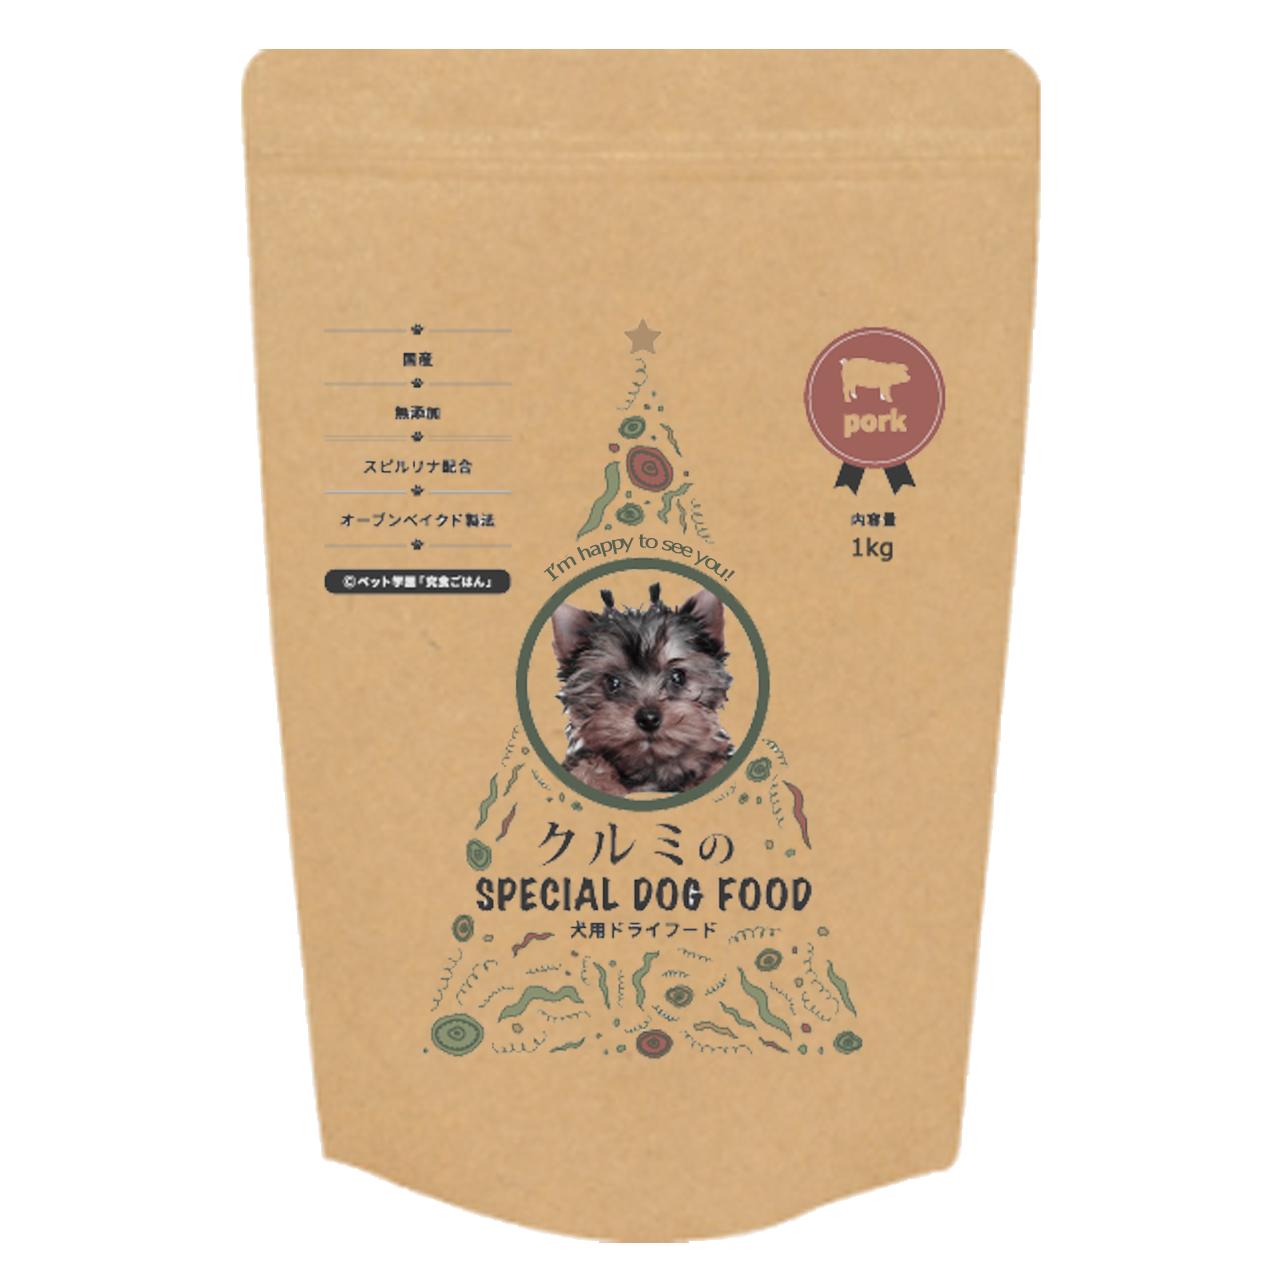 【定期3回】「茶」「ツリー」オリジナル究食ごはん ポーク1kg